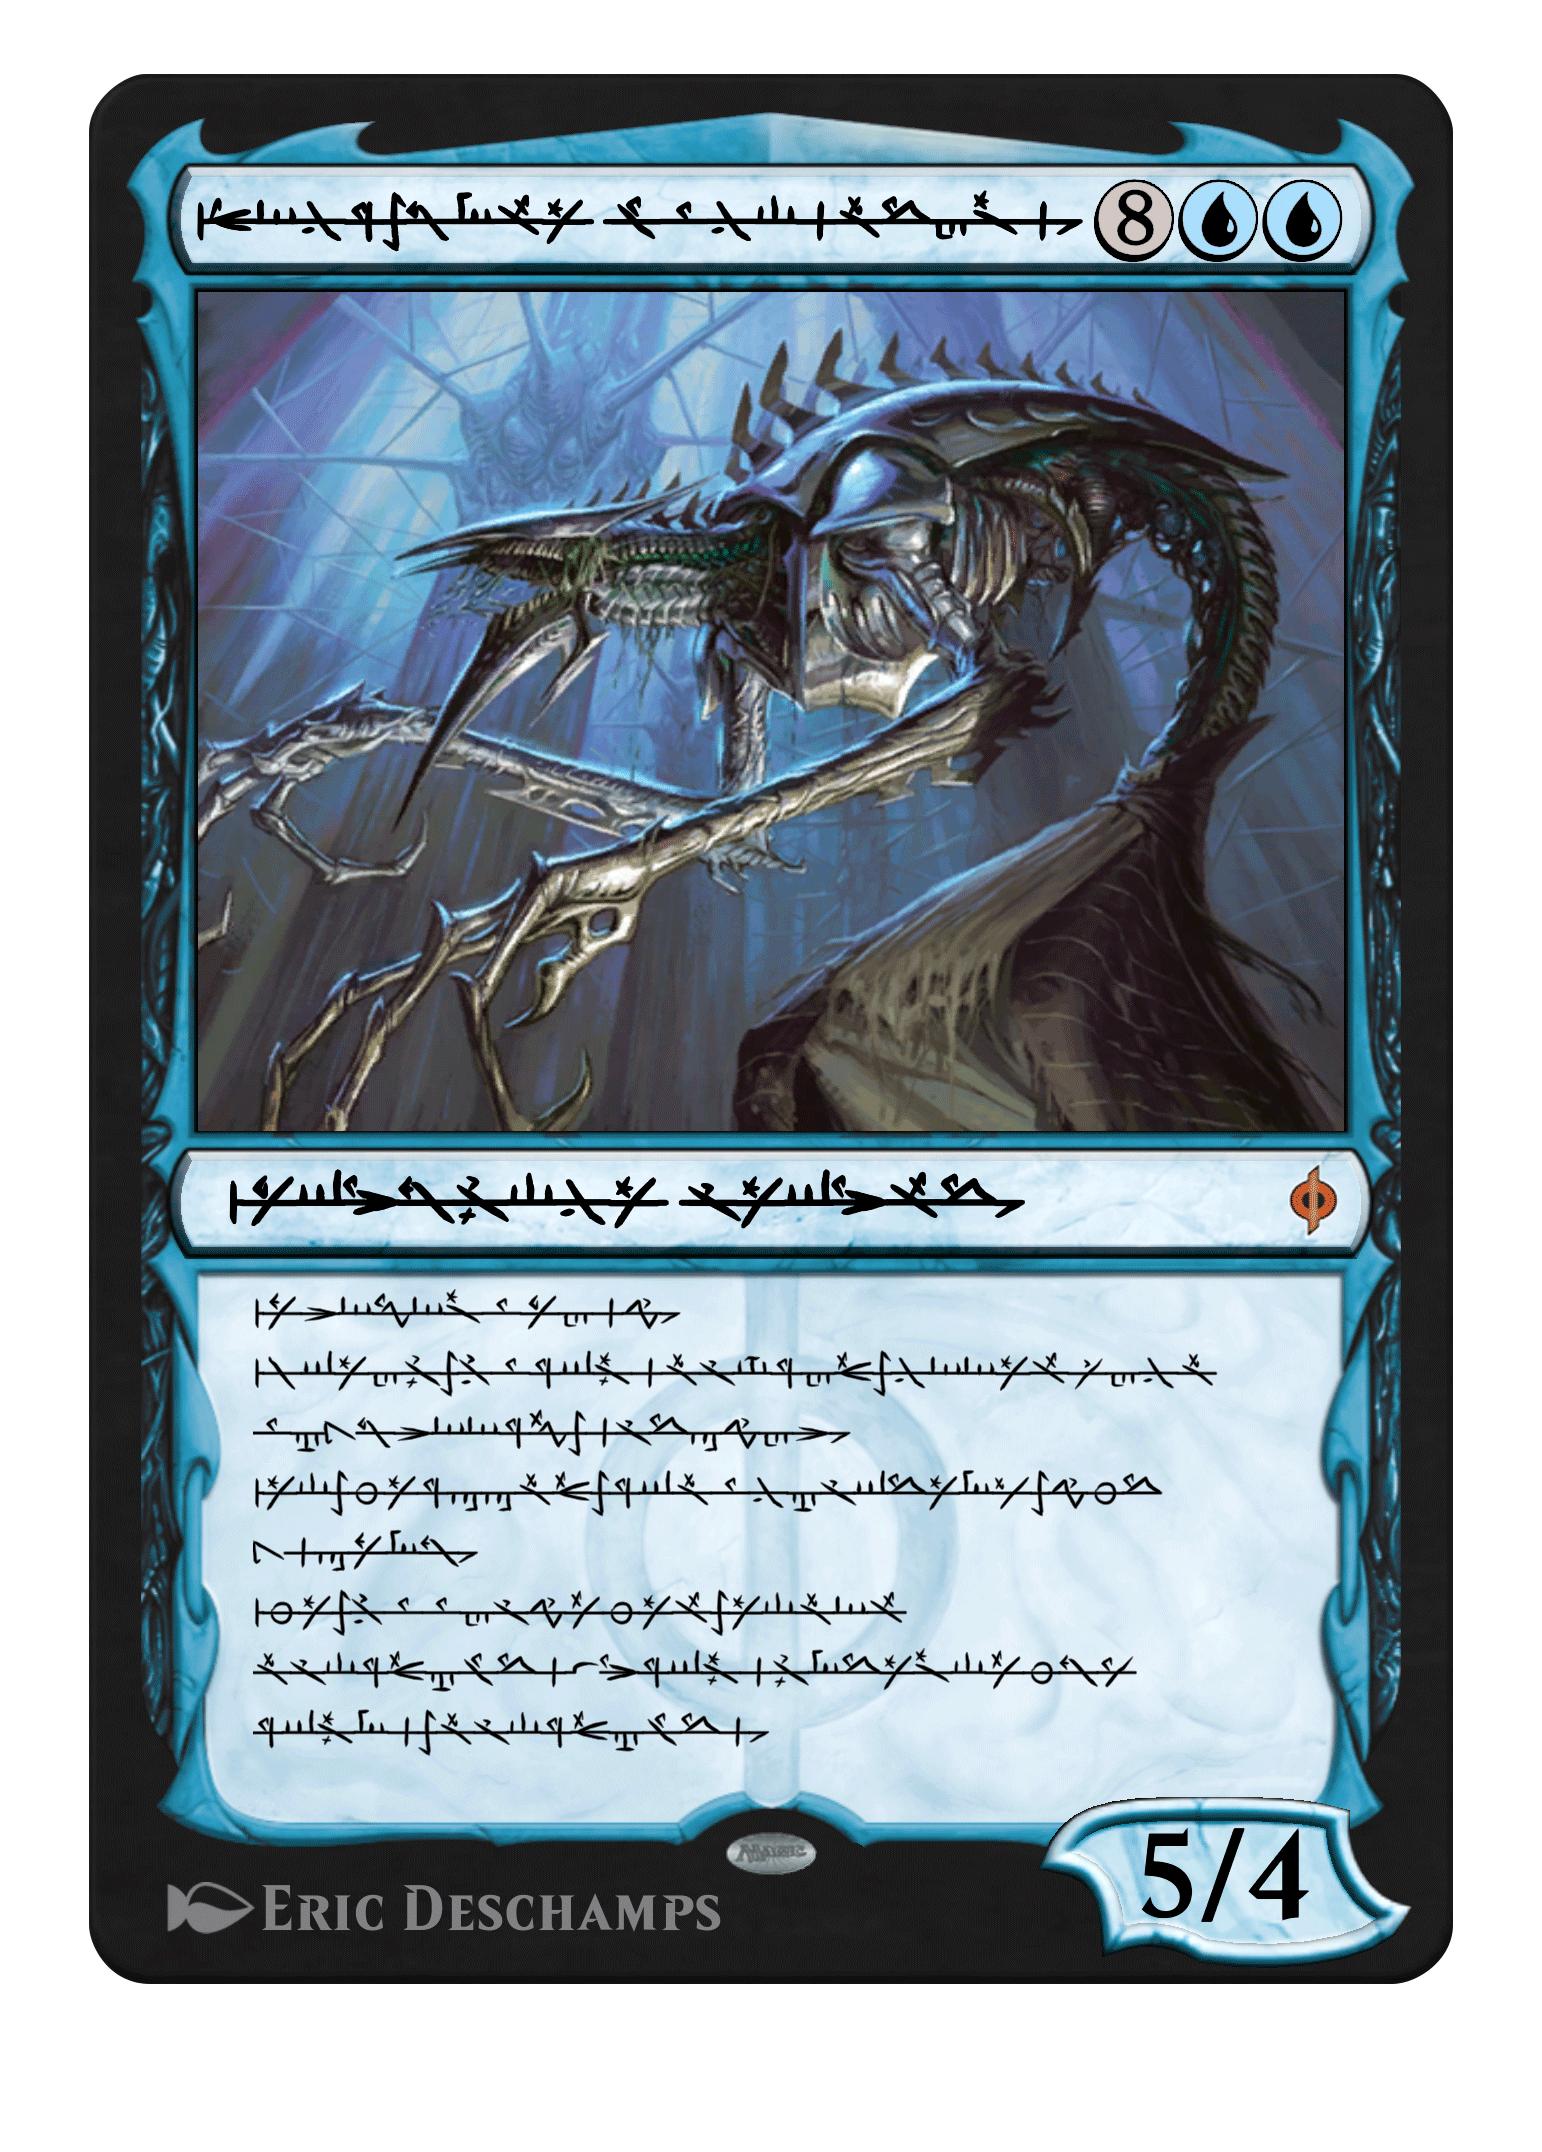 Phyrexian Jin-Gitaxias Core Augur